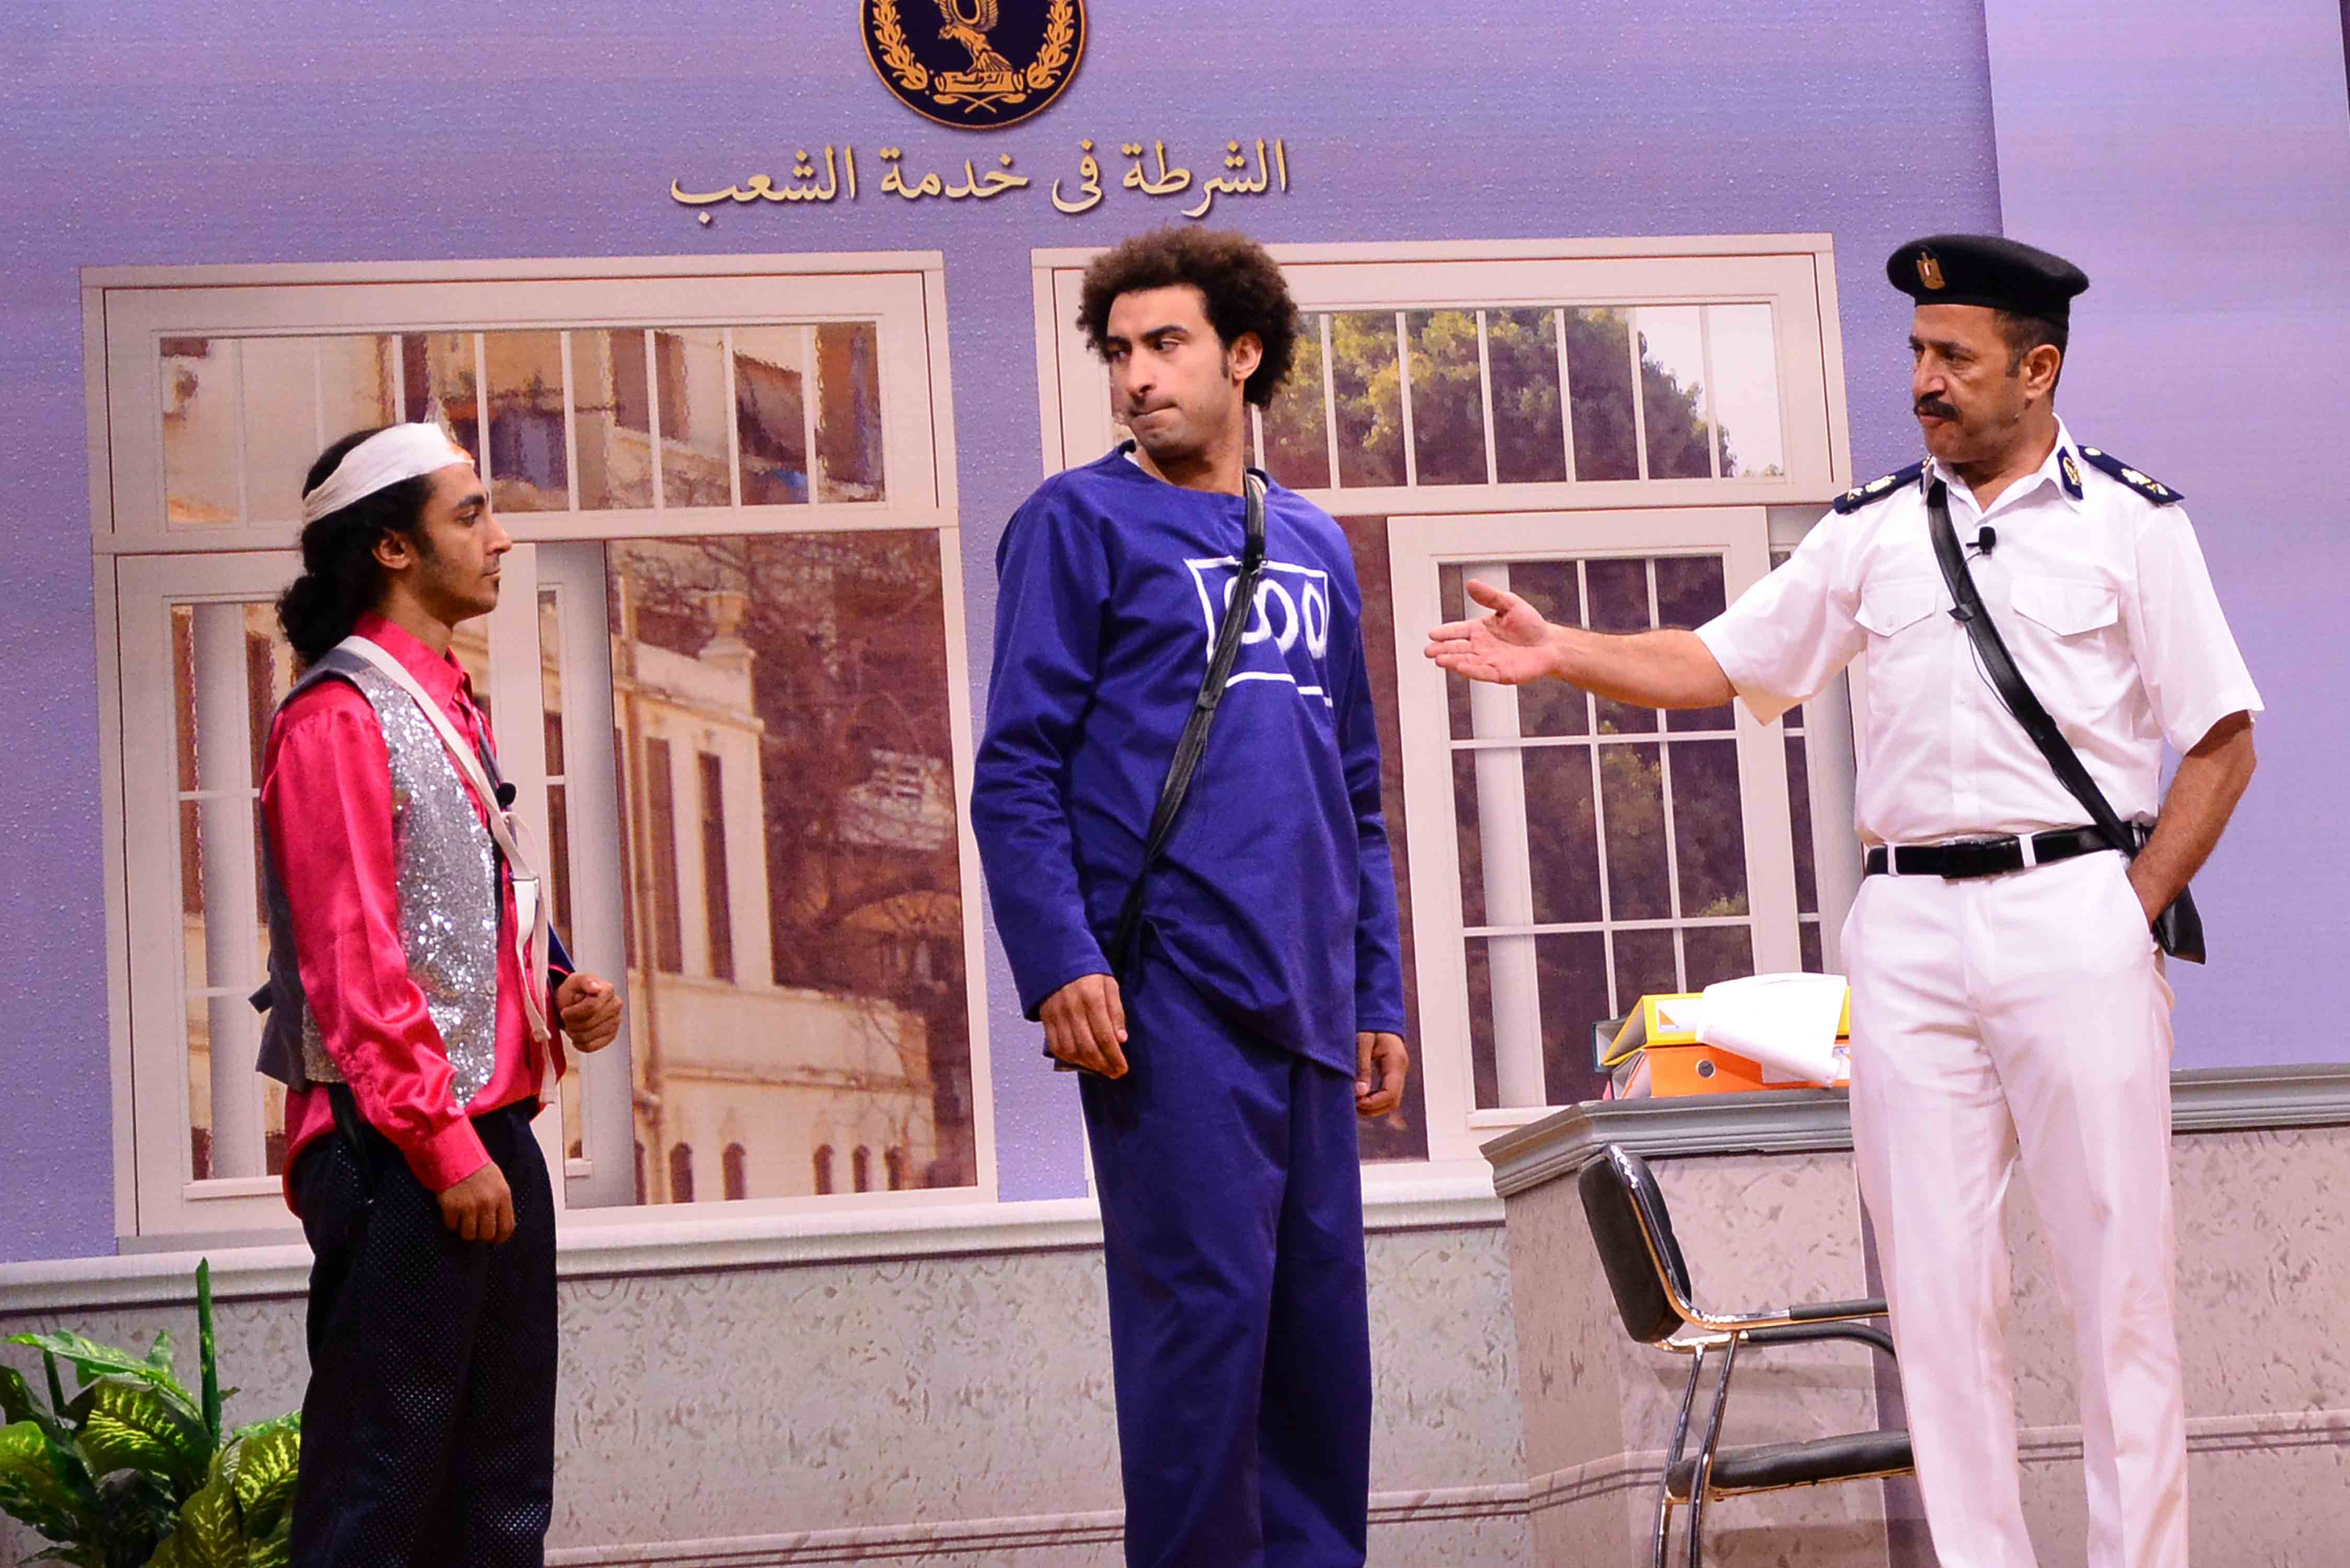 مسرحية-طابور-العرض